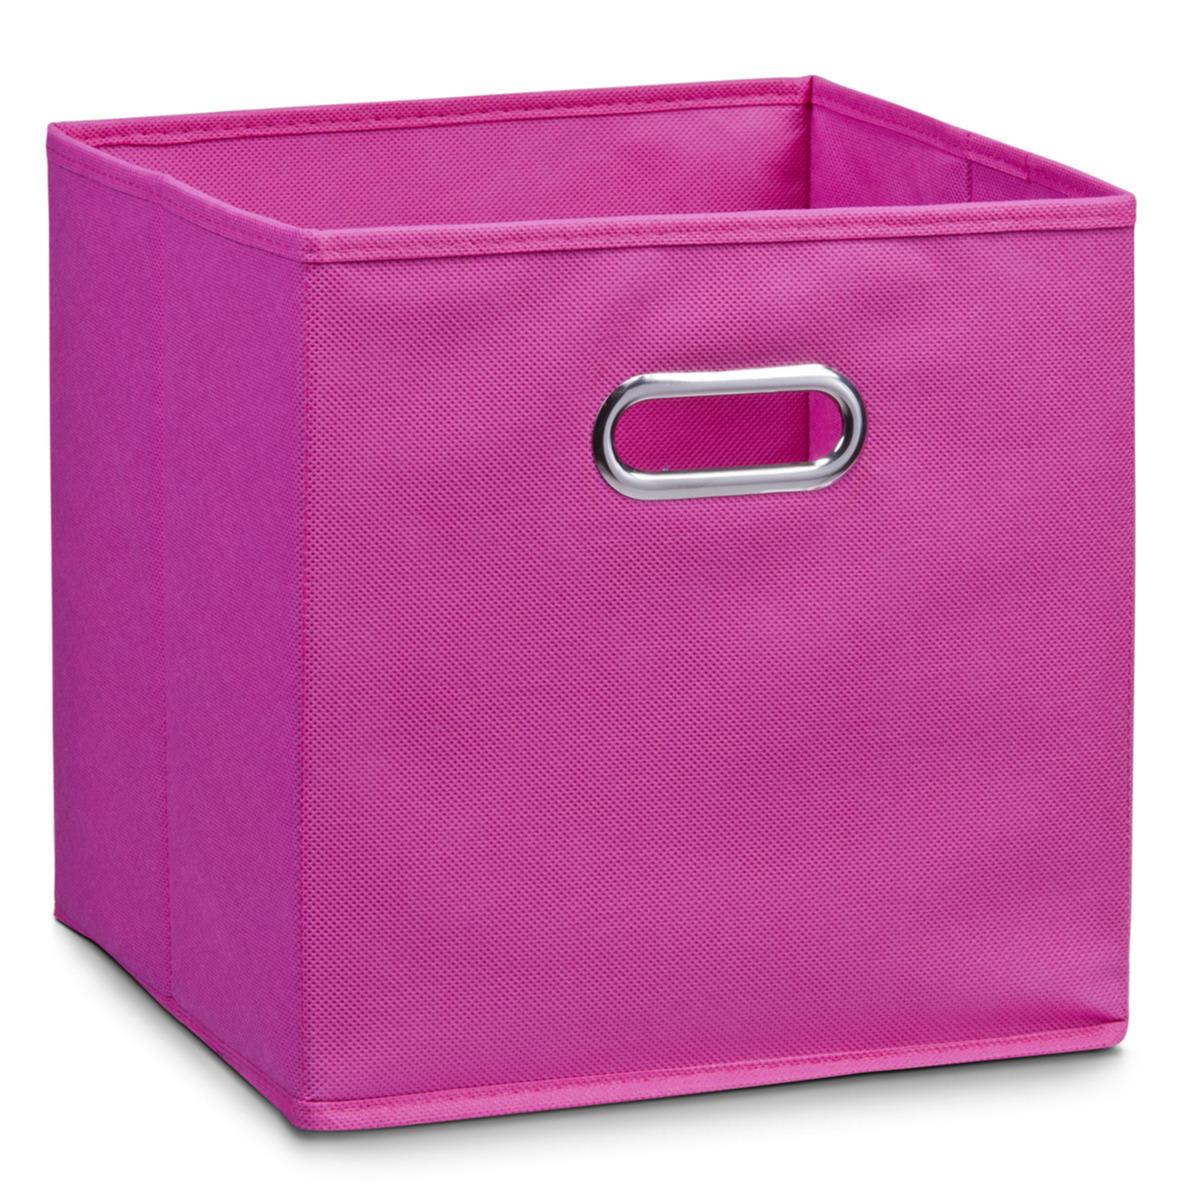 1x roze opbergmandjes kinderkamer 28 x 28 cm